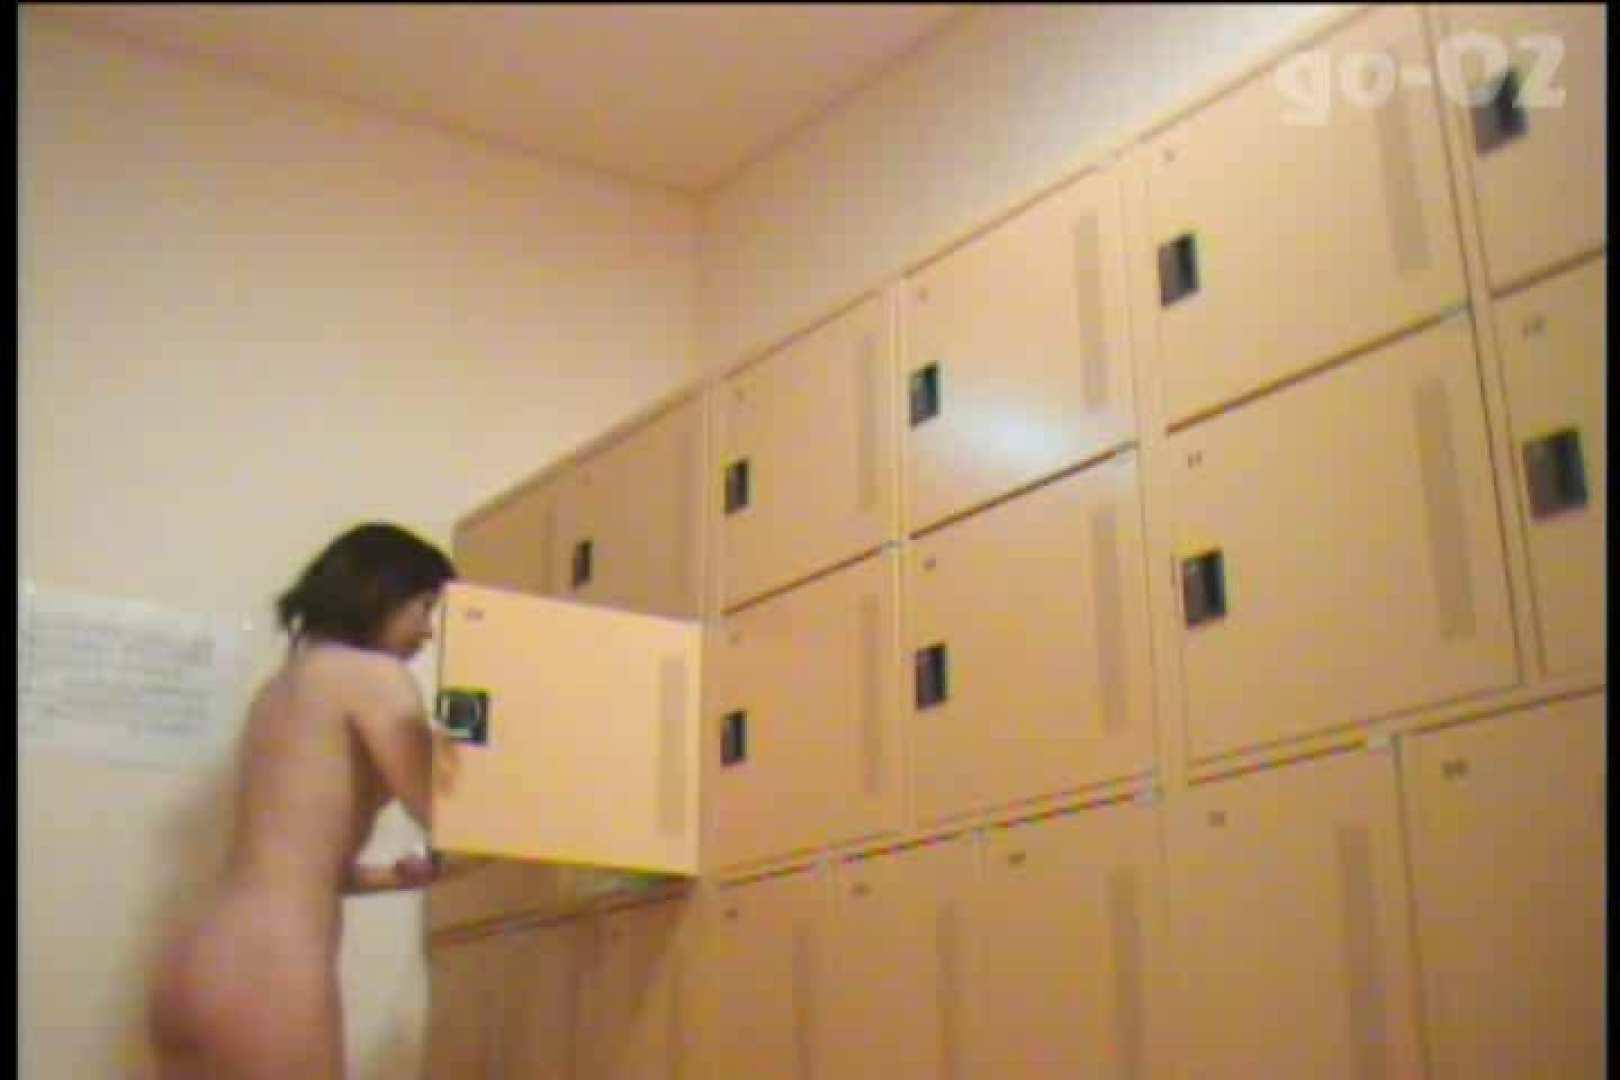 電波カメラ設置浴場からの防HAN映像 Vol.02 お姉さん攻略 AV無料 81画像 4